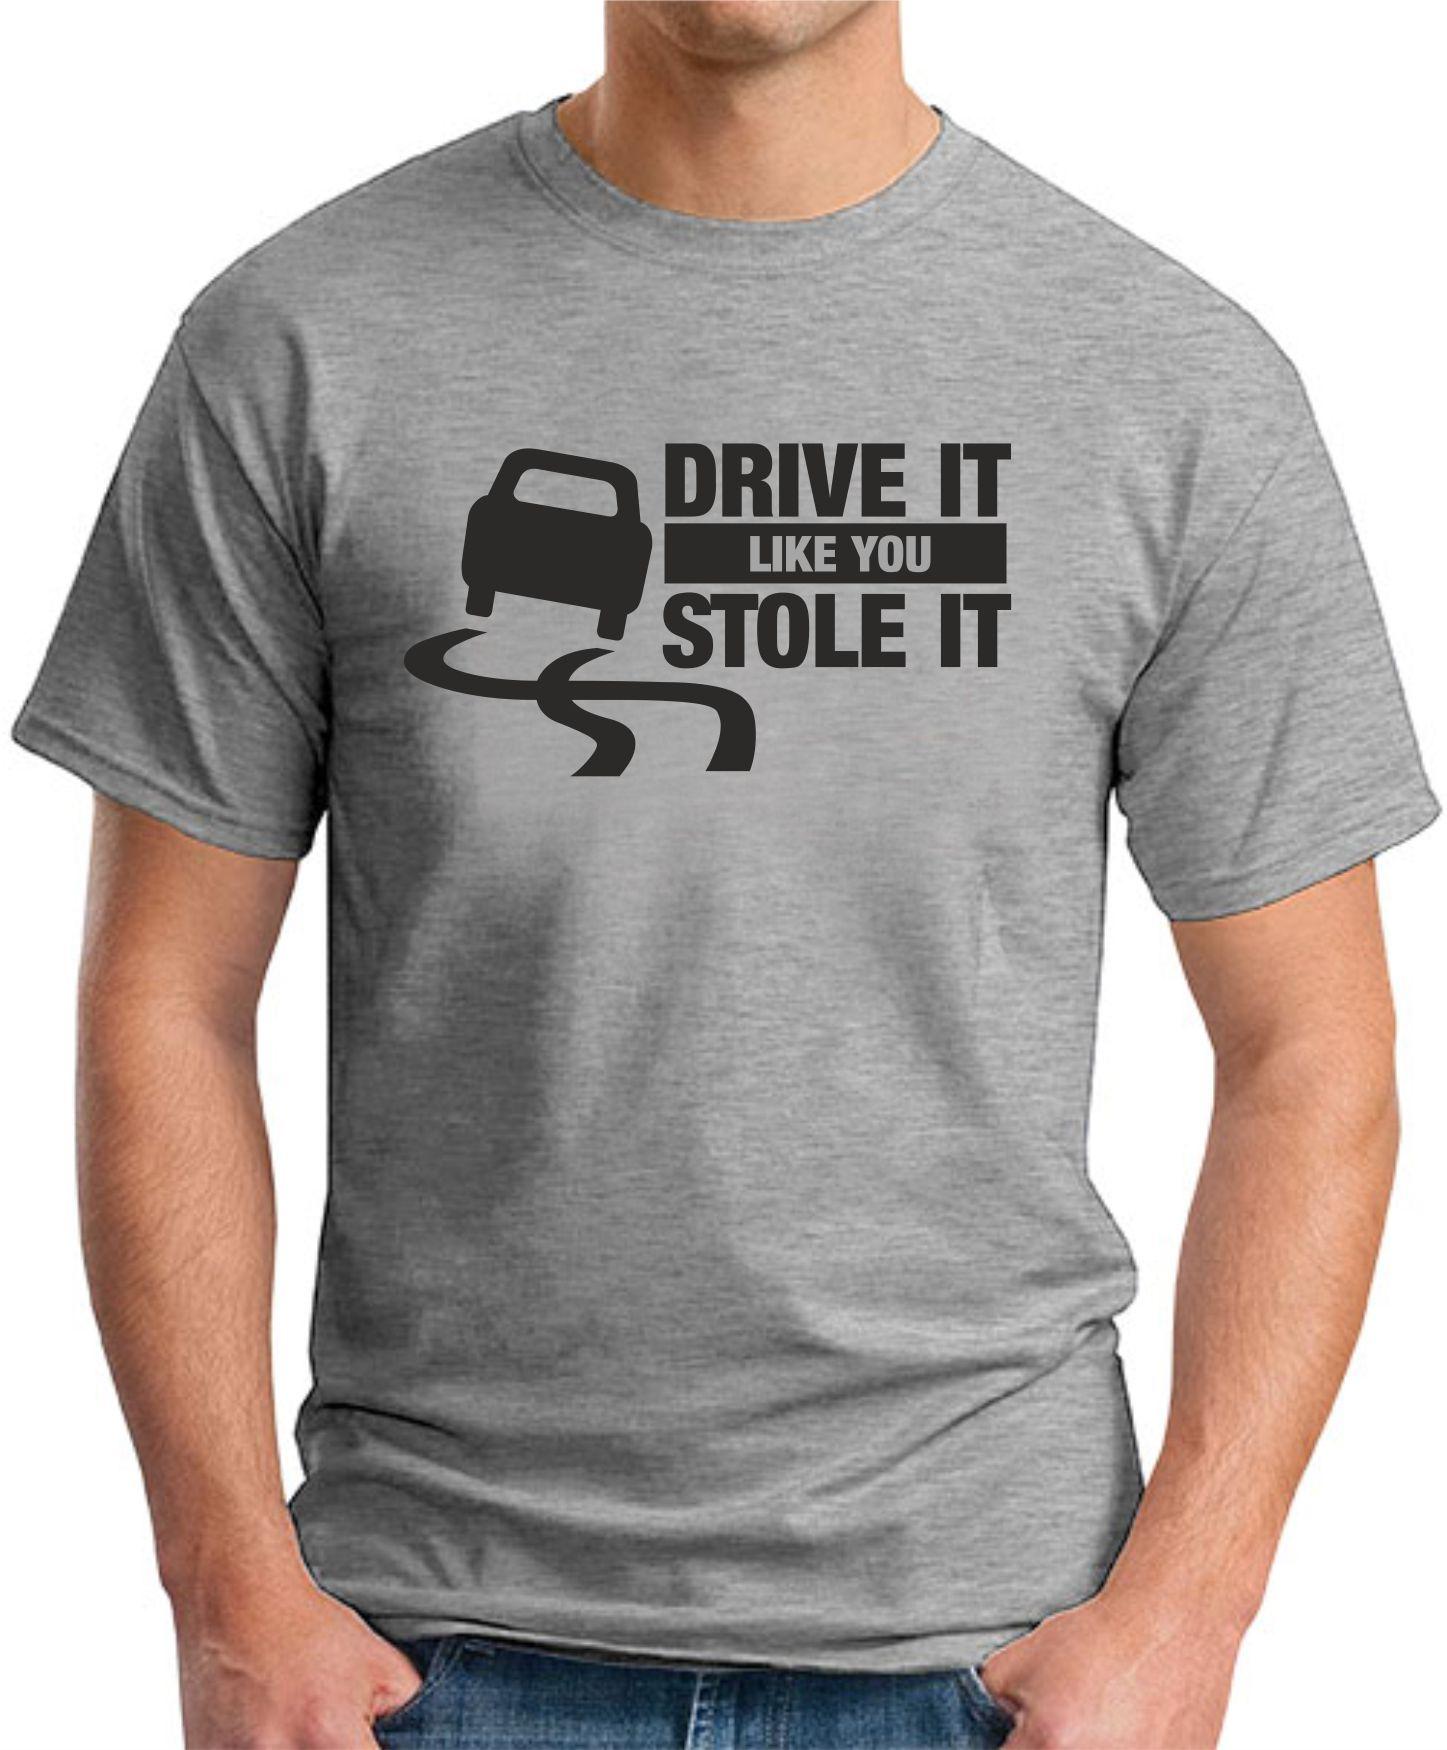 DRIVE IT LIKE YOU STOLE IT GREY